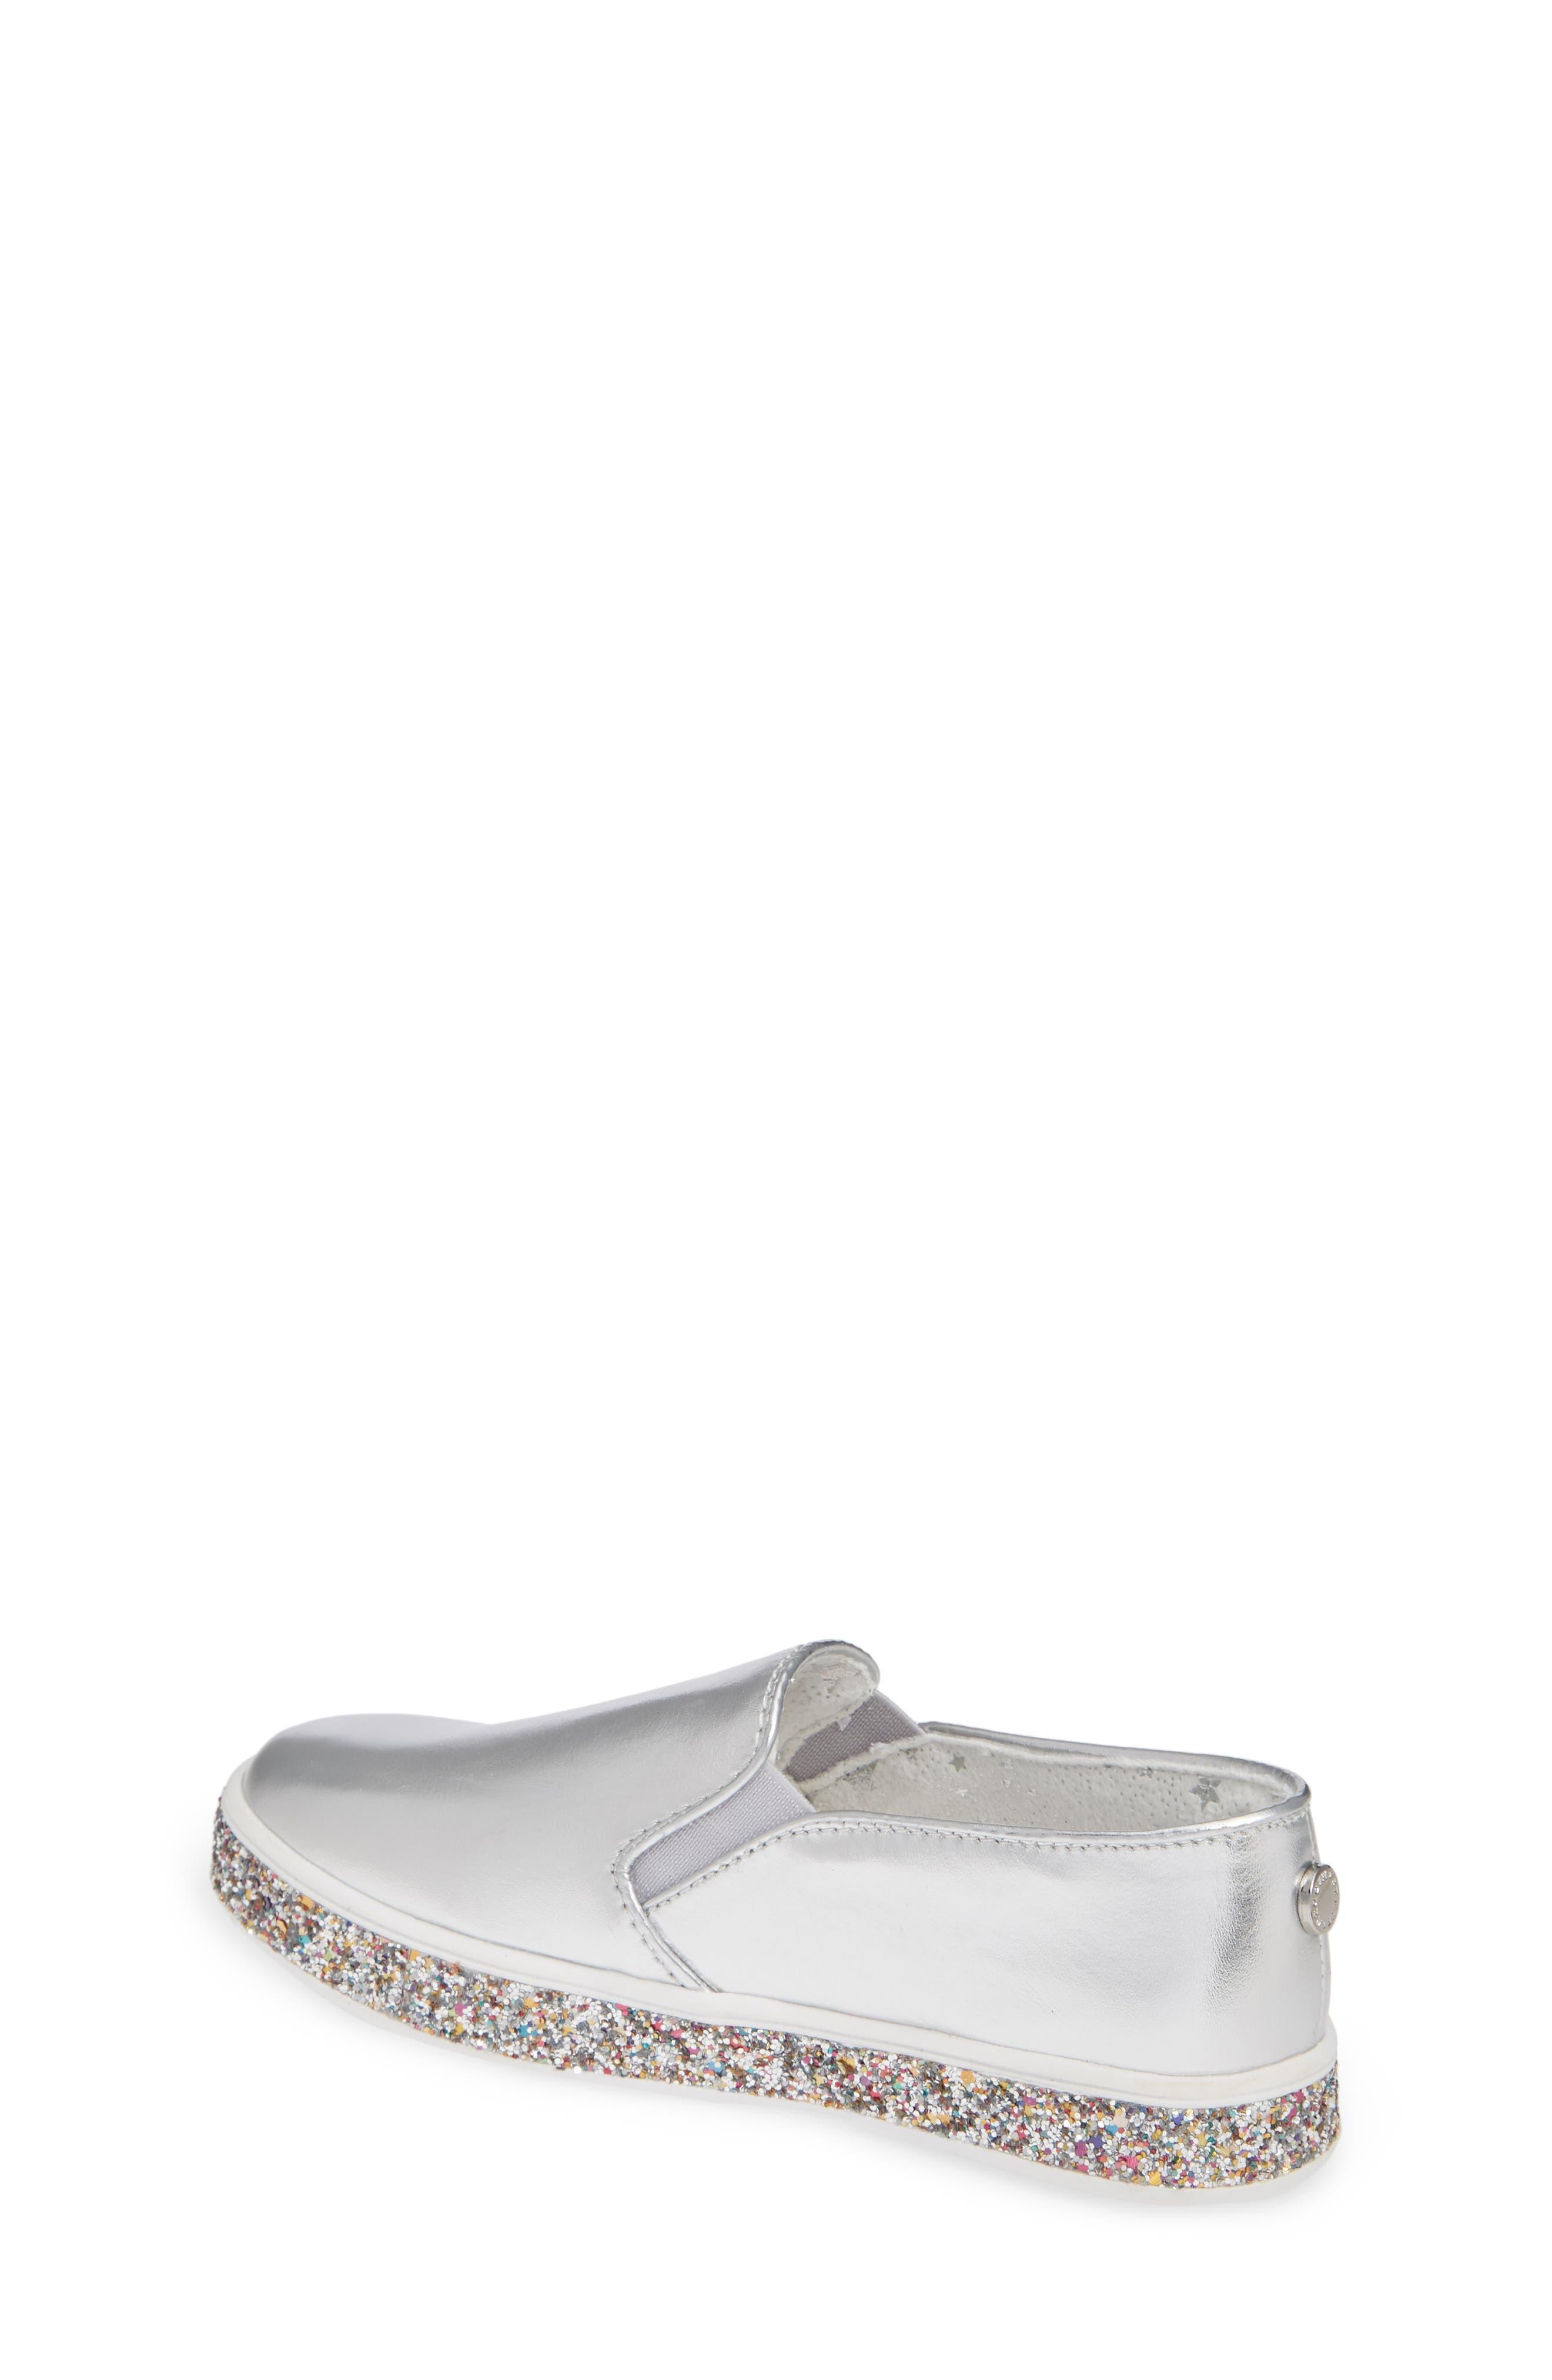 Jglorie Glitter Slip-On Sneaker,                             Alternate thumbnail 2, color,                             SILVER